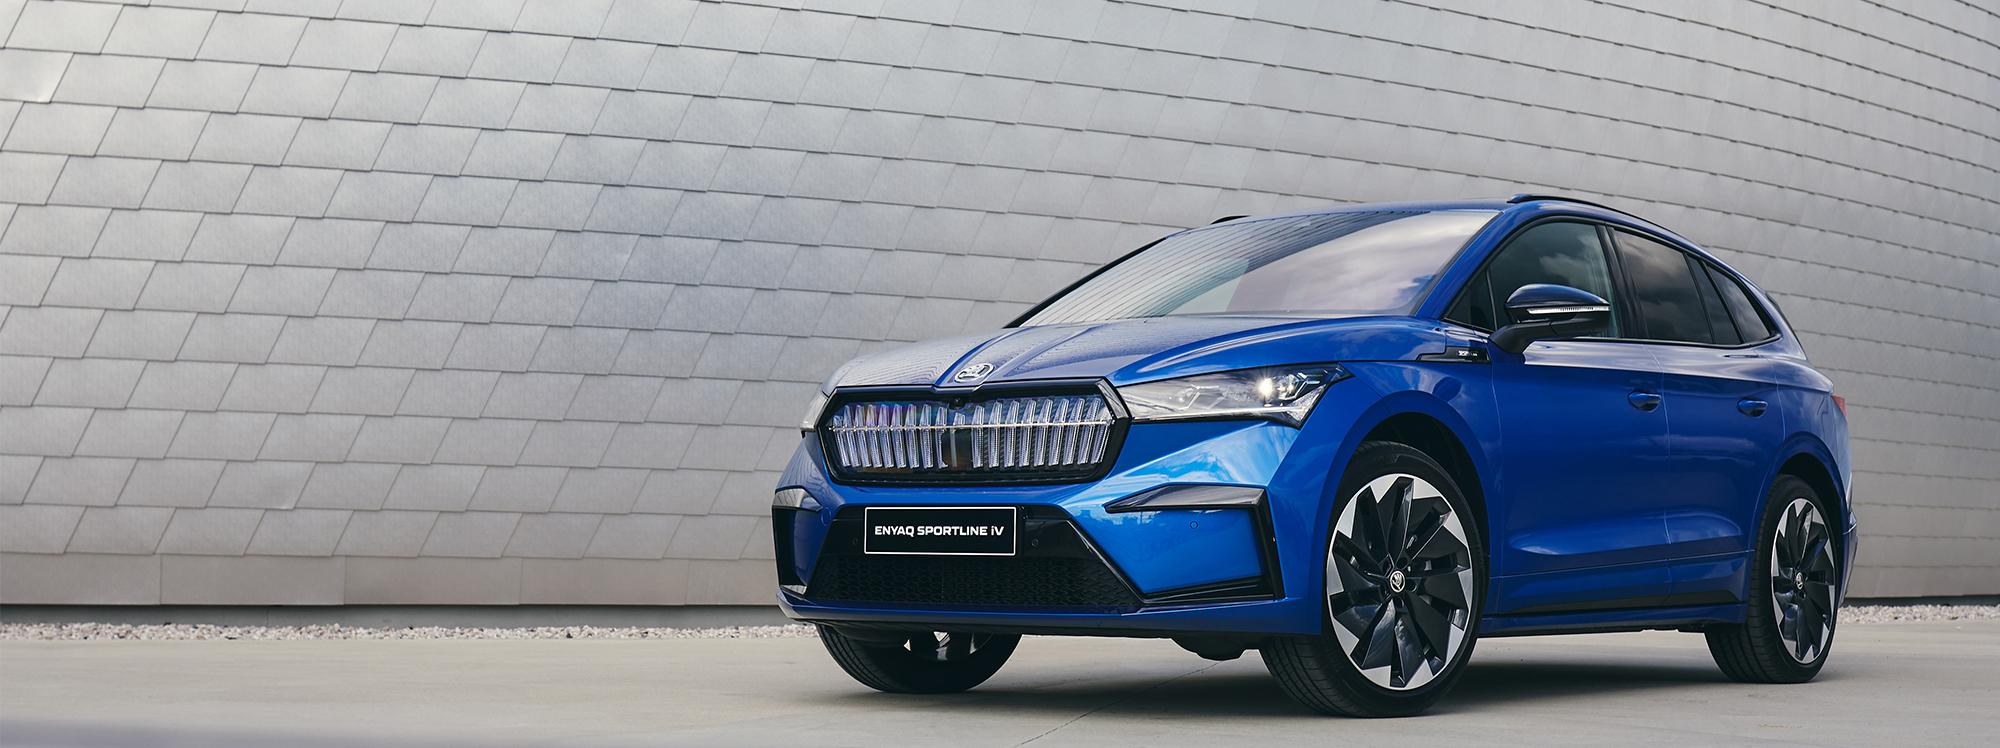 Así es la versión más deportiva del nuevo SUV eléctrico de Skoda